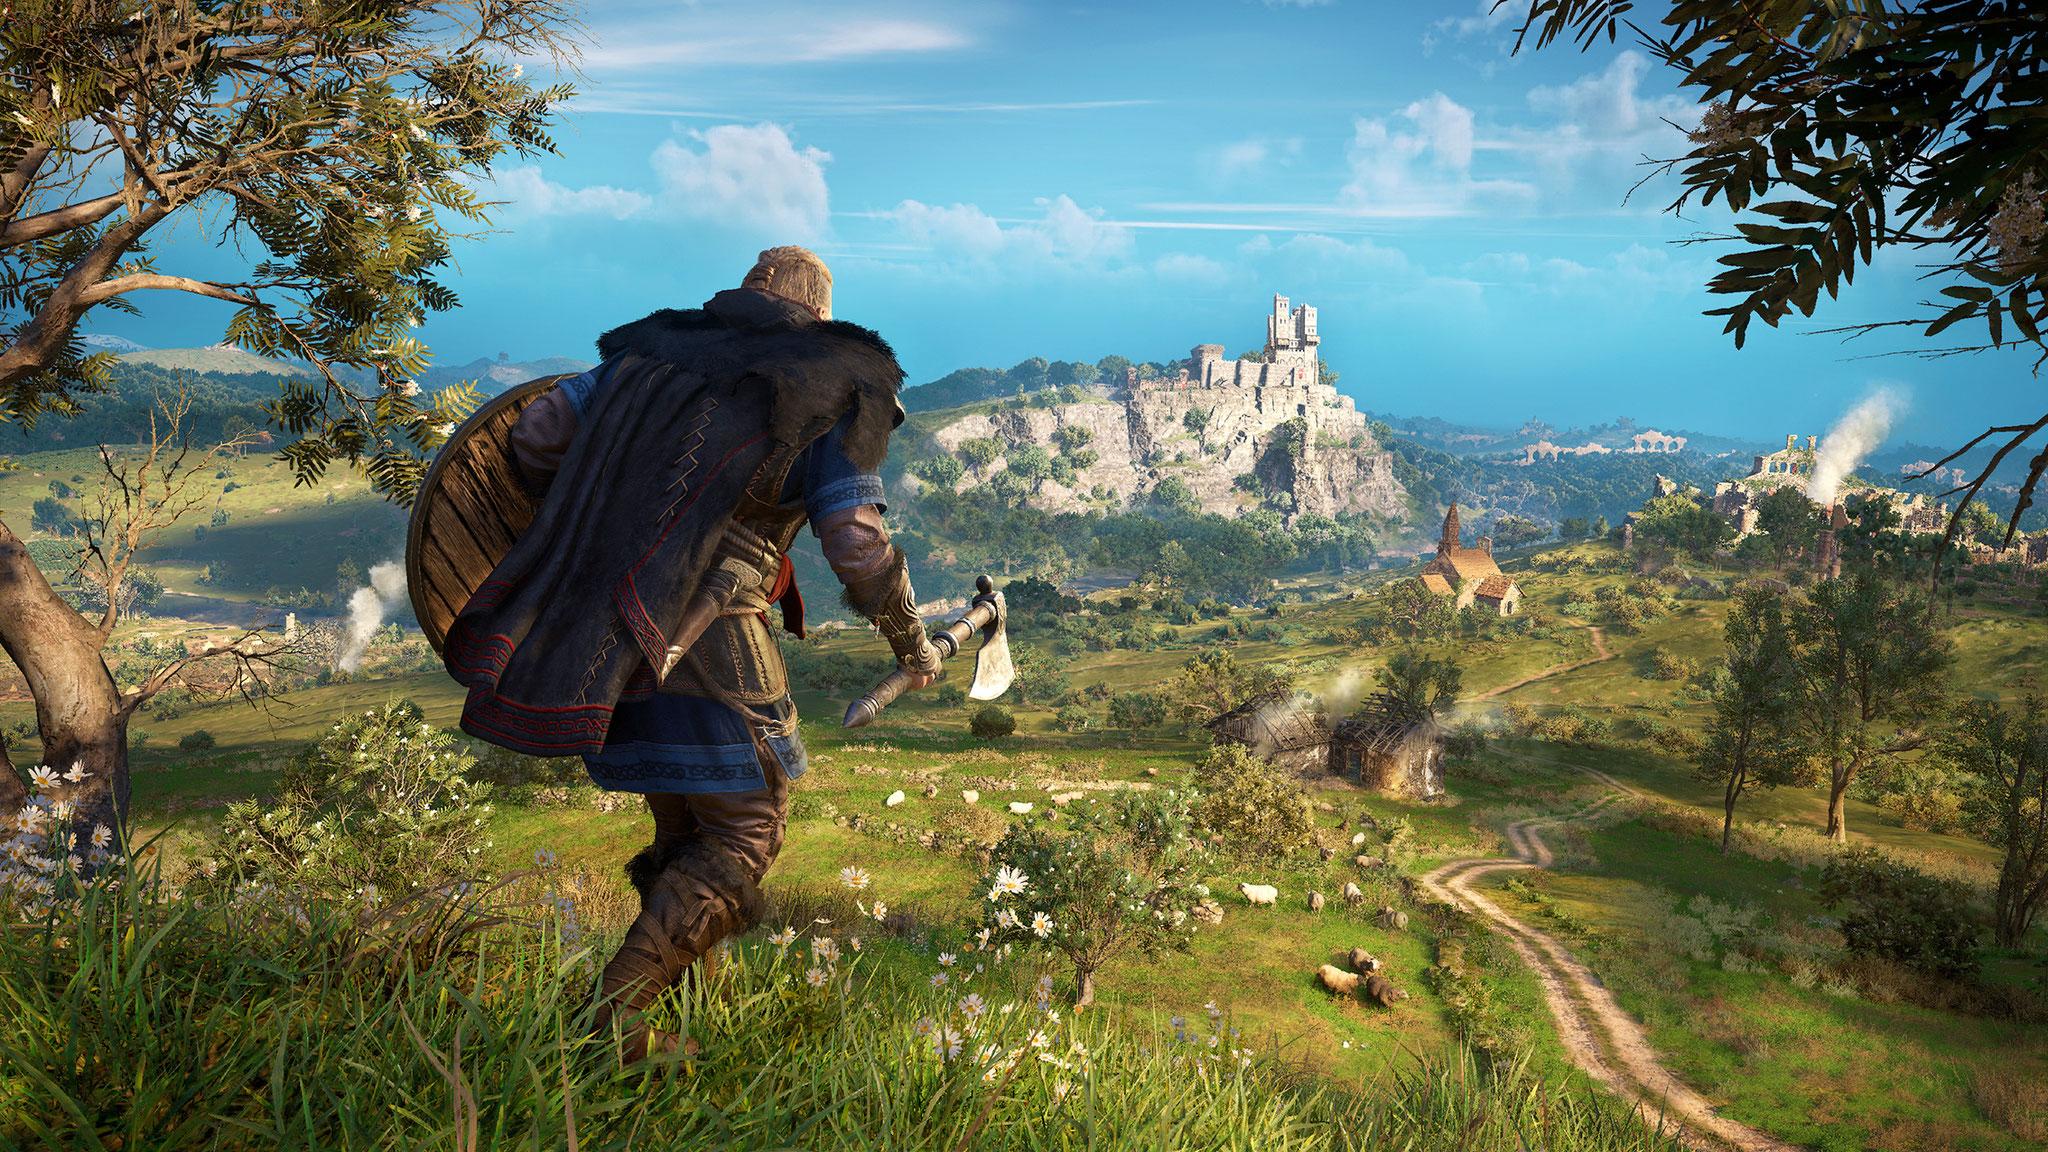 Ist zumindest in optischer Hinsichter der Star des Spiels: die gigantische und vor allem auf den neuen Konsolen prachtvoll illustrierte Spielwelt.